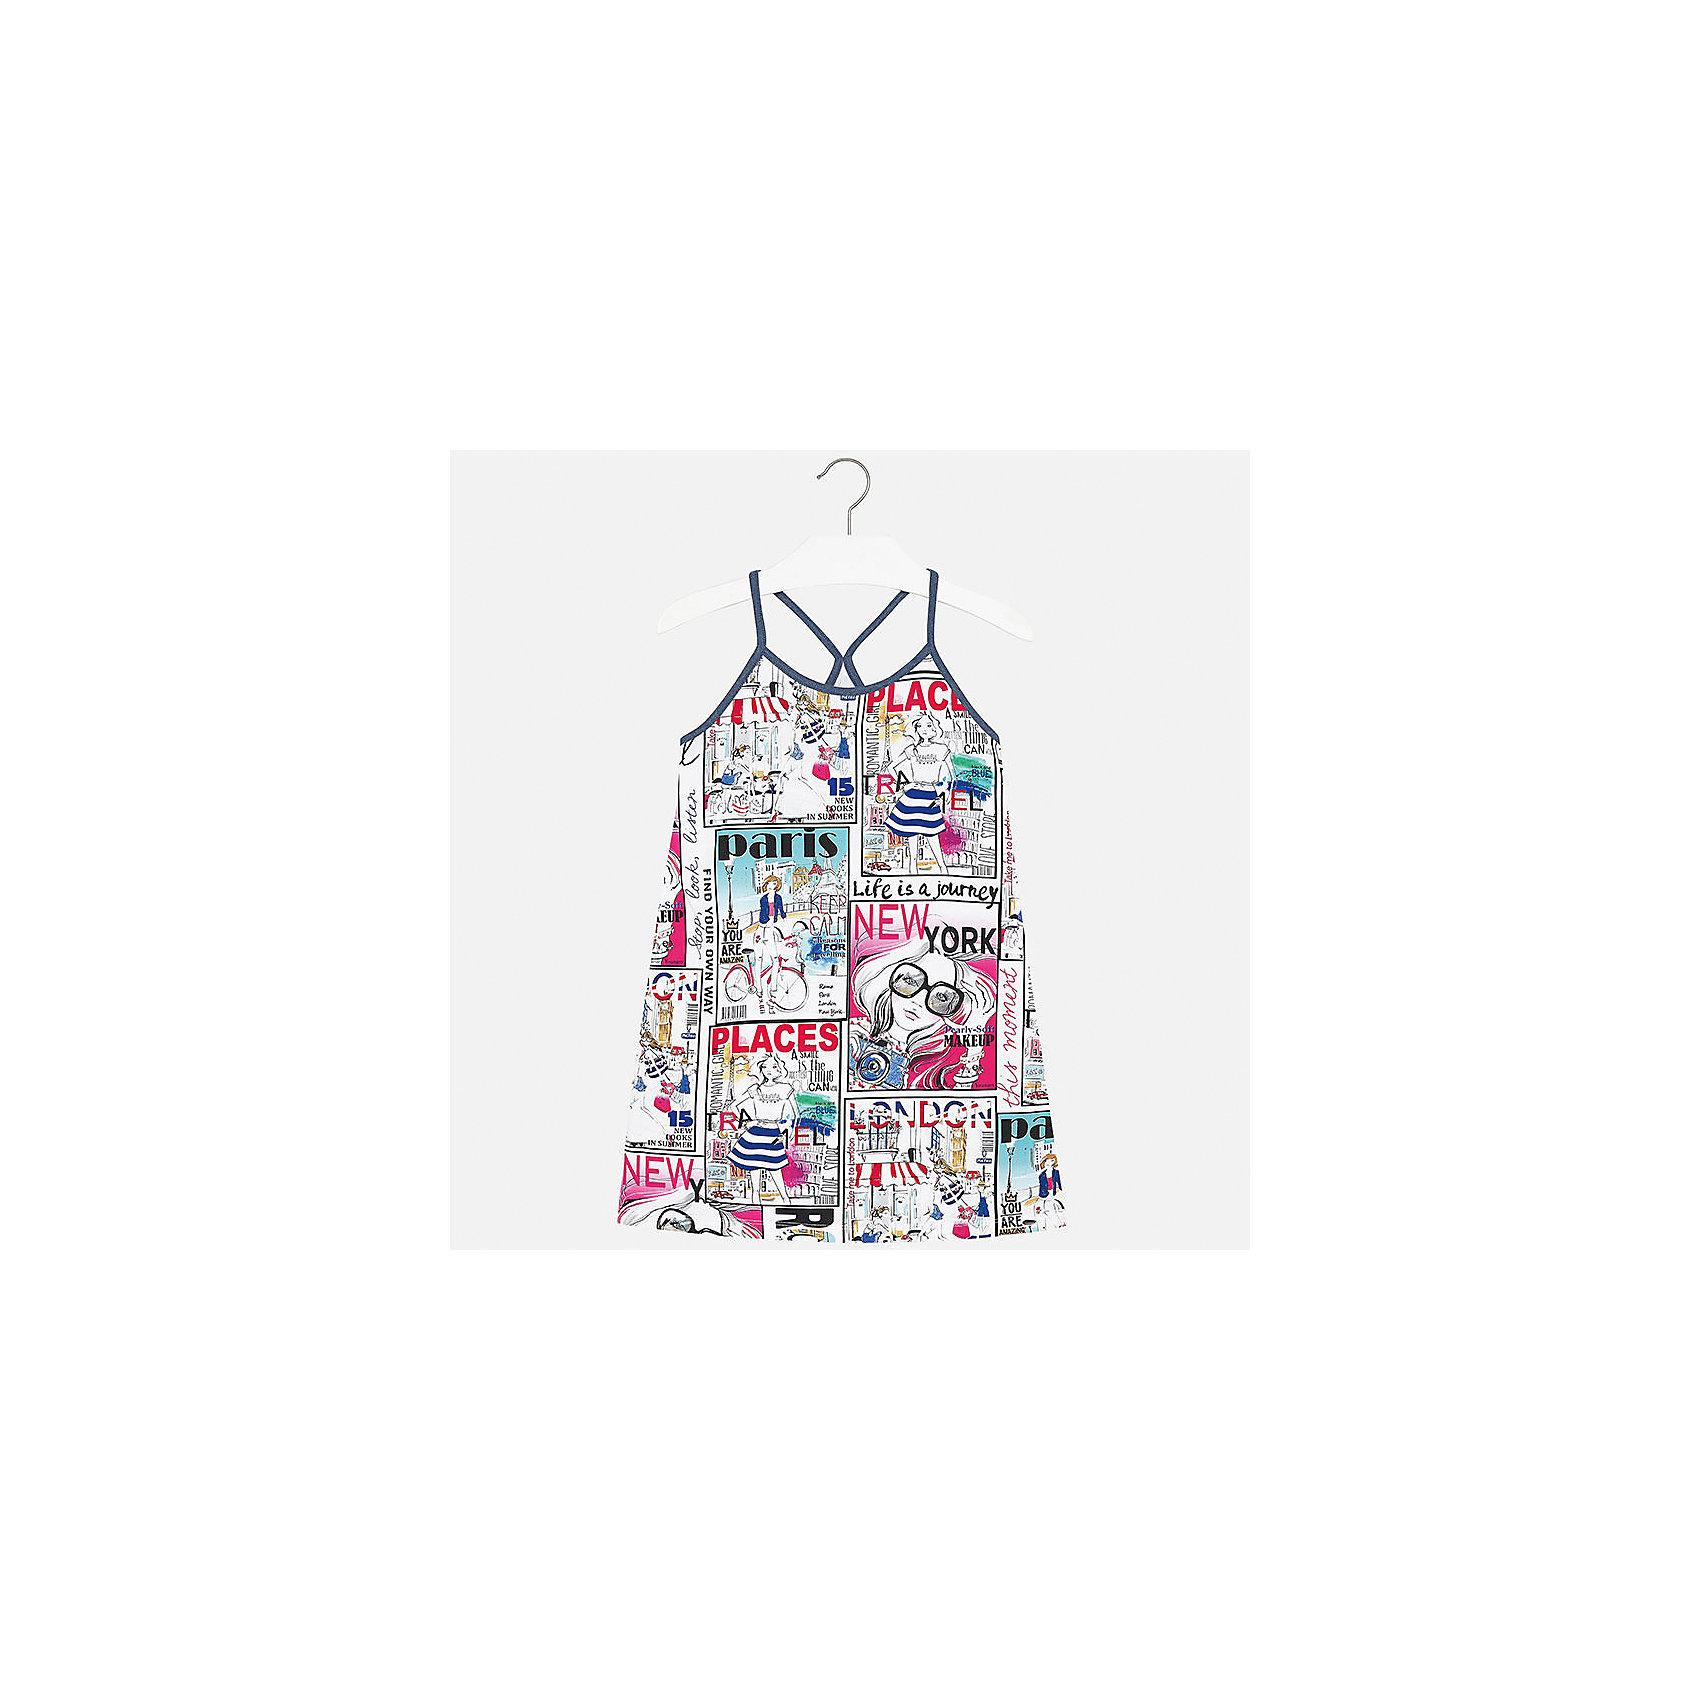 Платье для девочки MayoralХарактеристики товара:<br><br>• цвет: белый принт<br>• состав: 95% хлопок, 5% эластан<br>• без застежки<br>• бретельки<br>• без рукавов<br>• принт<br>• страна бренда: Испания<br><br>Стильное платье для девочки поможет разнообразить гардероб ребенка и создать эффектный наряд. Оно подойдет для различных случаев. Красивый оттенок позволяет подобрать к вещи обувь разных расцветок. Платье хорошо сидит по фигуре. В составе материала - натуральный хлопок, гипоаллергенный, приятный на ощупь, дышащий. <br><br>Одежда, обувь и аксессуары от испанского бренда Mayoral полюбились детям и взрослым по всему миру. Модели этой марки - стильные и удобные. Для их производства используются только безопасные, качественные материалы и фурнитура. Порадуйте ребенка модными и красивыми вещами от Mayoral! <br><br>Платье для девочки от испанского бренда Mayoral (Майорал) можно купить в нашем интернет-магазине.<br><br>Ширина мм: 236<br>Глубина мм: 16<br>Высота мм: 184<br>Вес г: 177<br>Цвет: разноцветный<br>Возраст от месяцев: 132<br>Возраст до месяцев: 144<br>Пол: Женский<br>Возраст: Детский<br>Размер: 152,170,128/134,140,158,164<br>SKU: 5293341